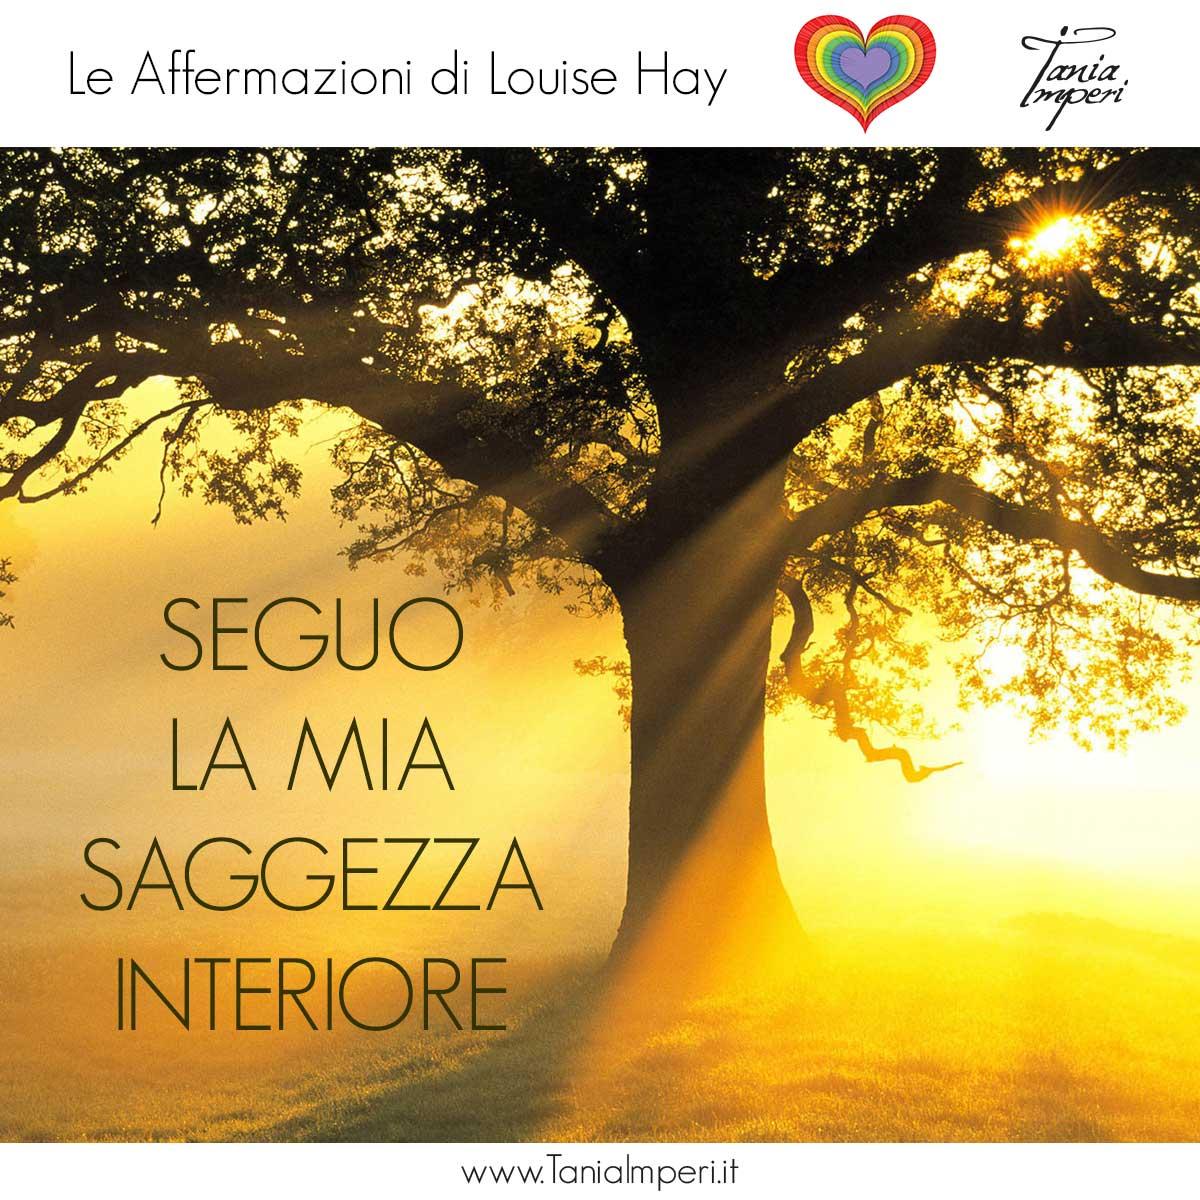 AFFERMAZIONI_LOUISE_HAY_TANIA_IMPERI_34_SEGUO_LA_MIA_SAGGEZZA_INTERIORE-21AGO2017